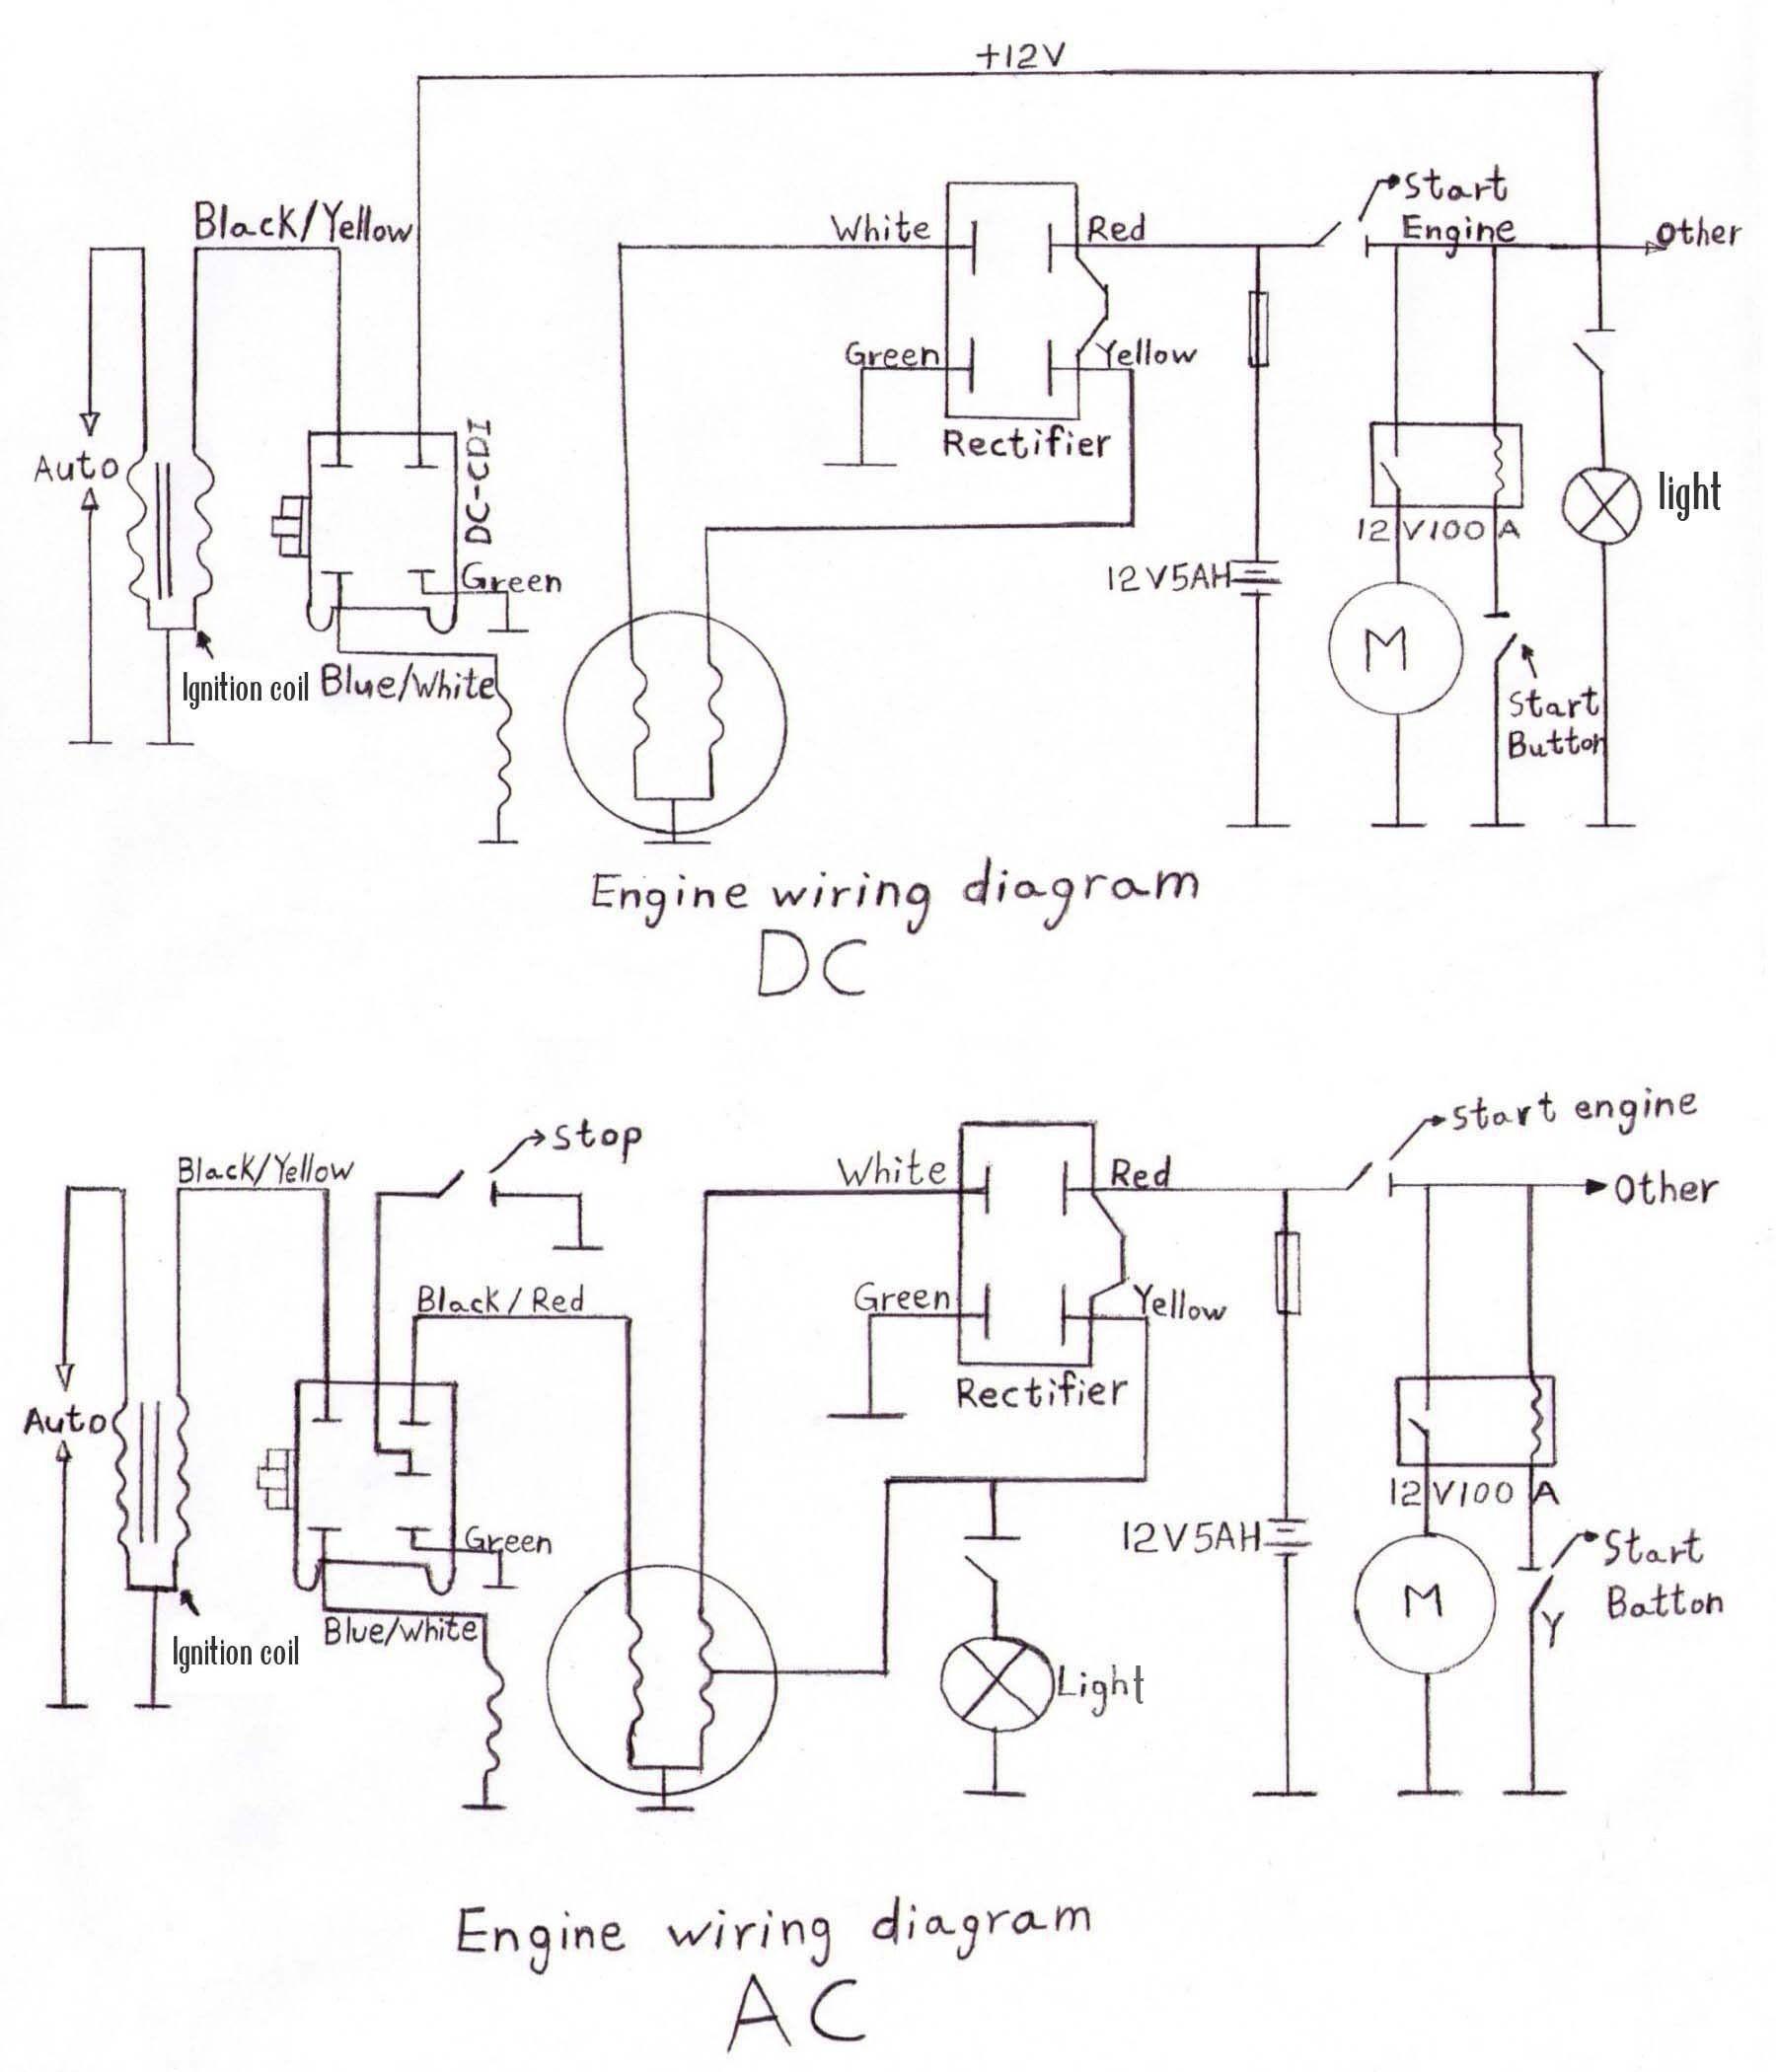 Lifan Pit Bike Wiring Diagram